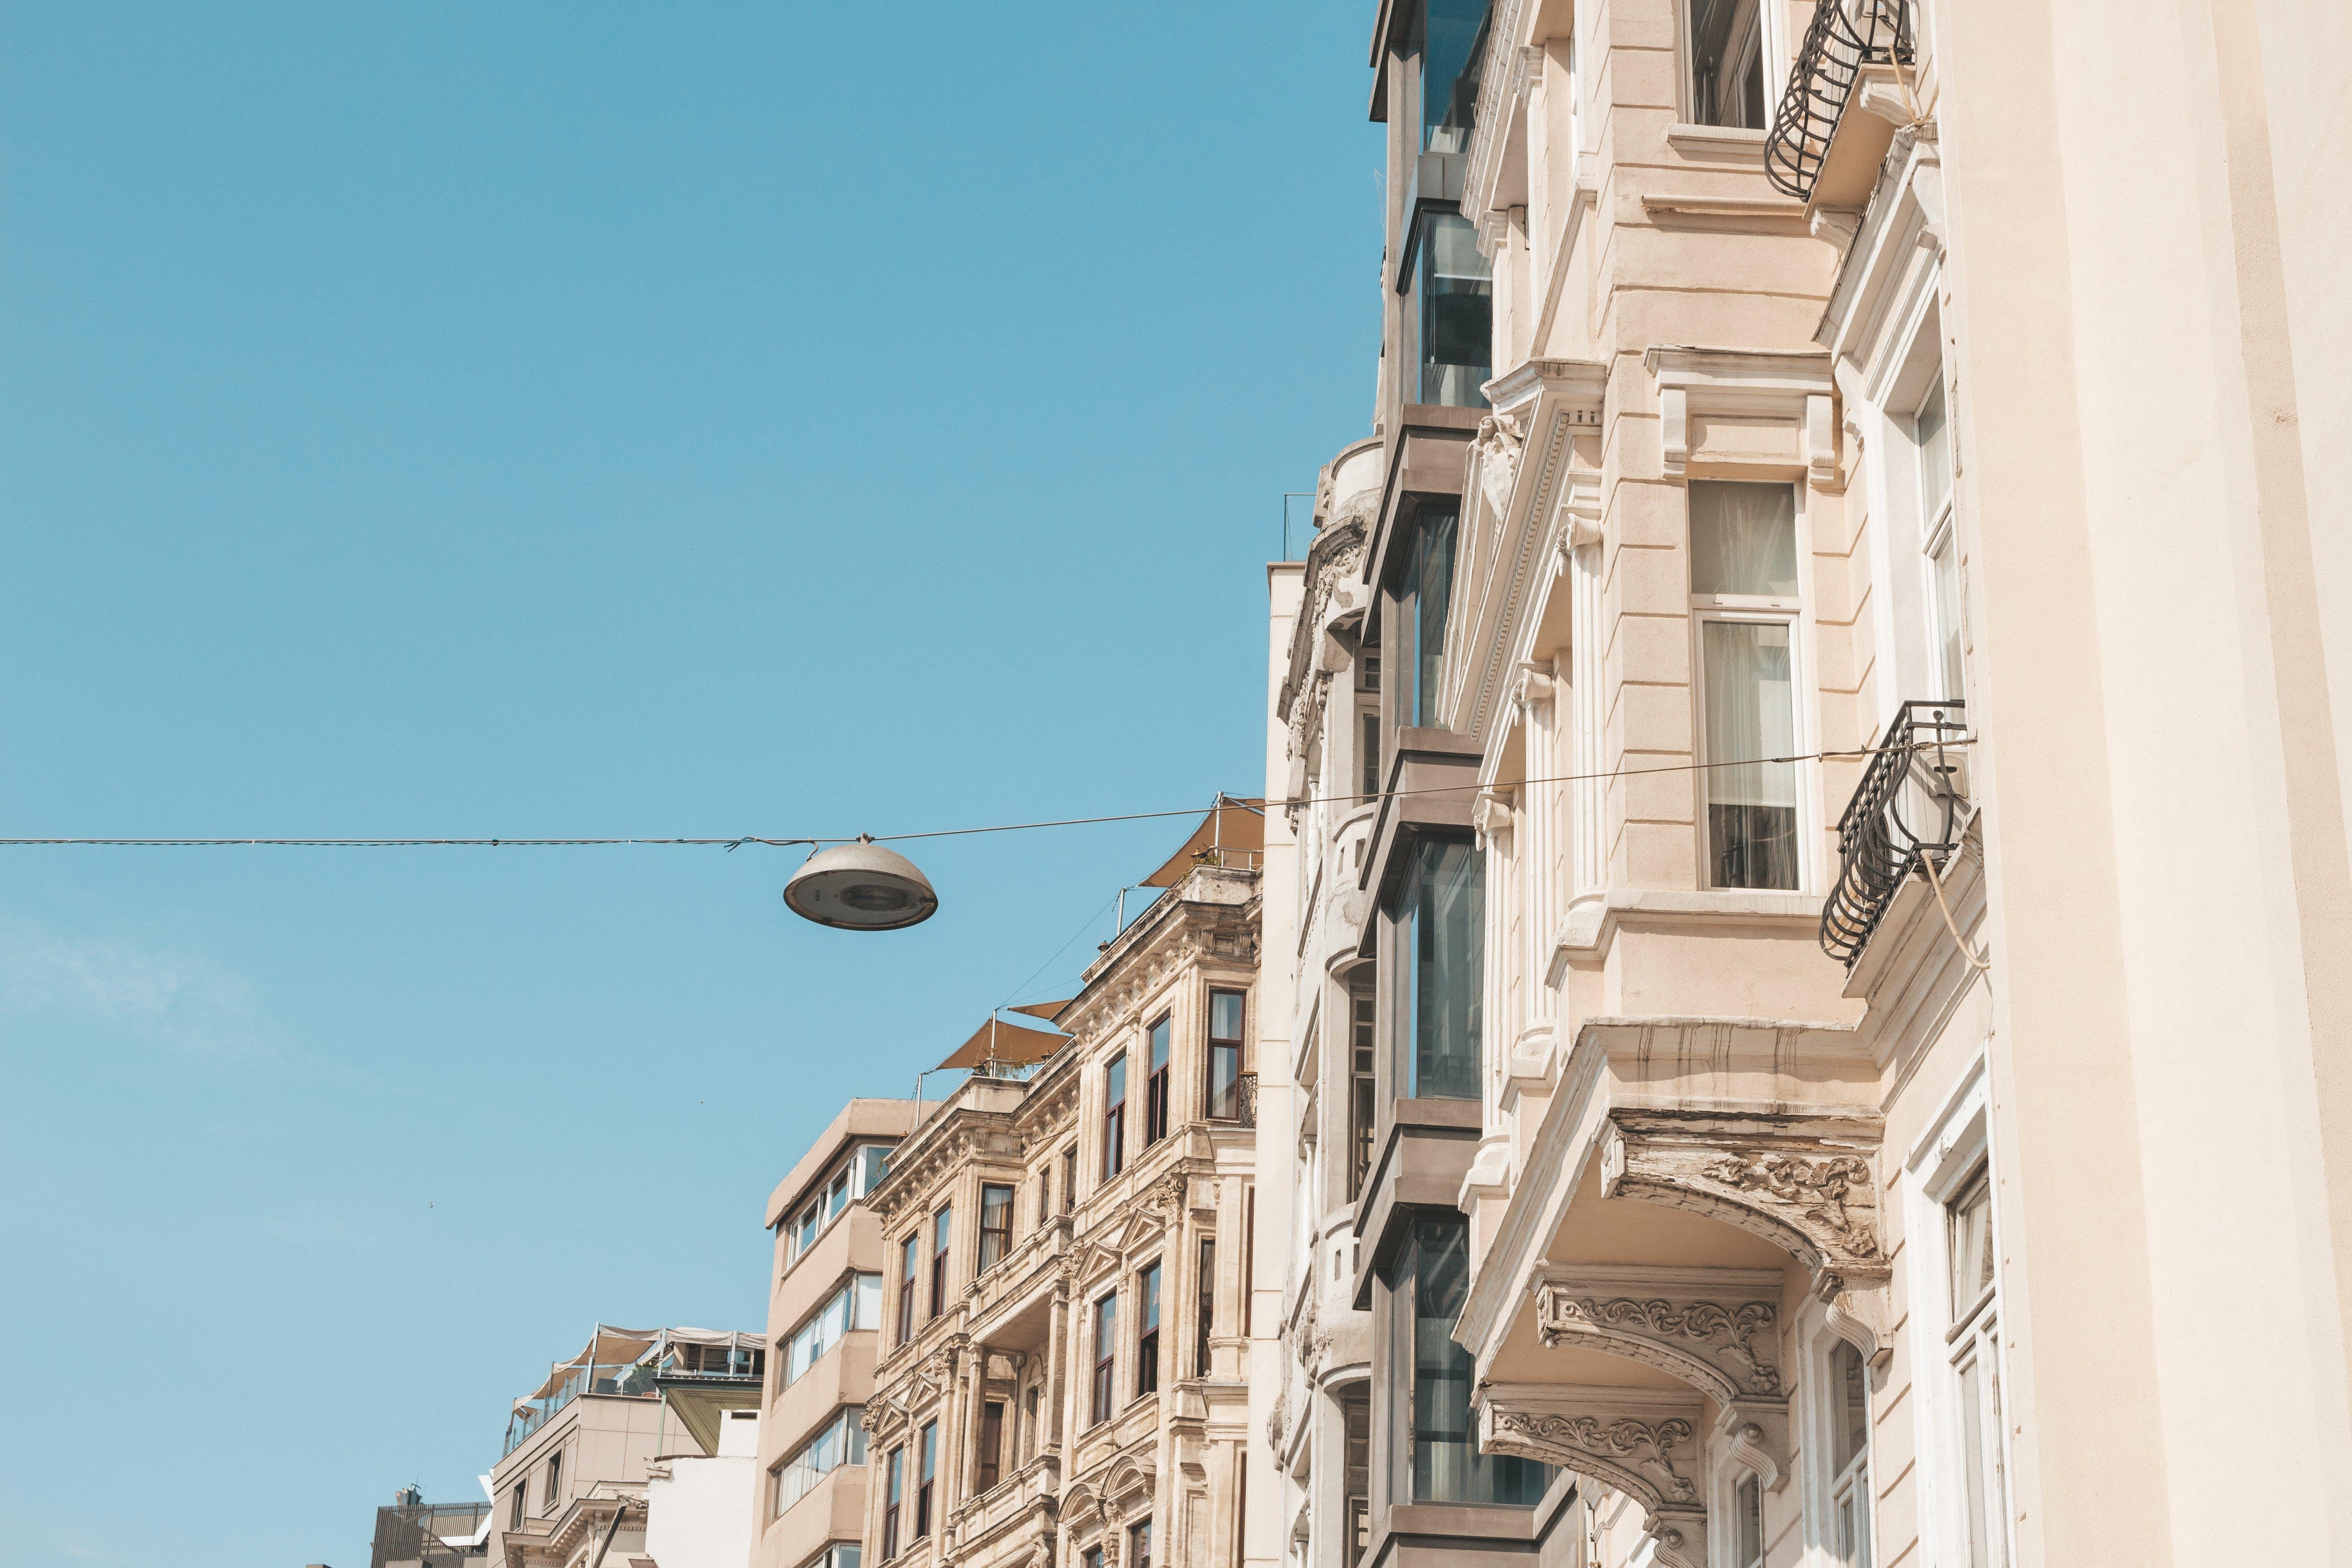 Kostenloses Stock Foto zu altstadt, architektur, aufnahme von unten, außen